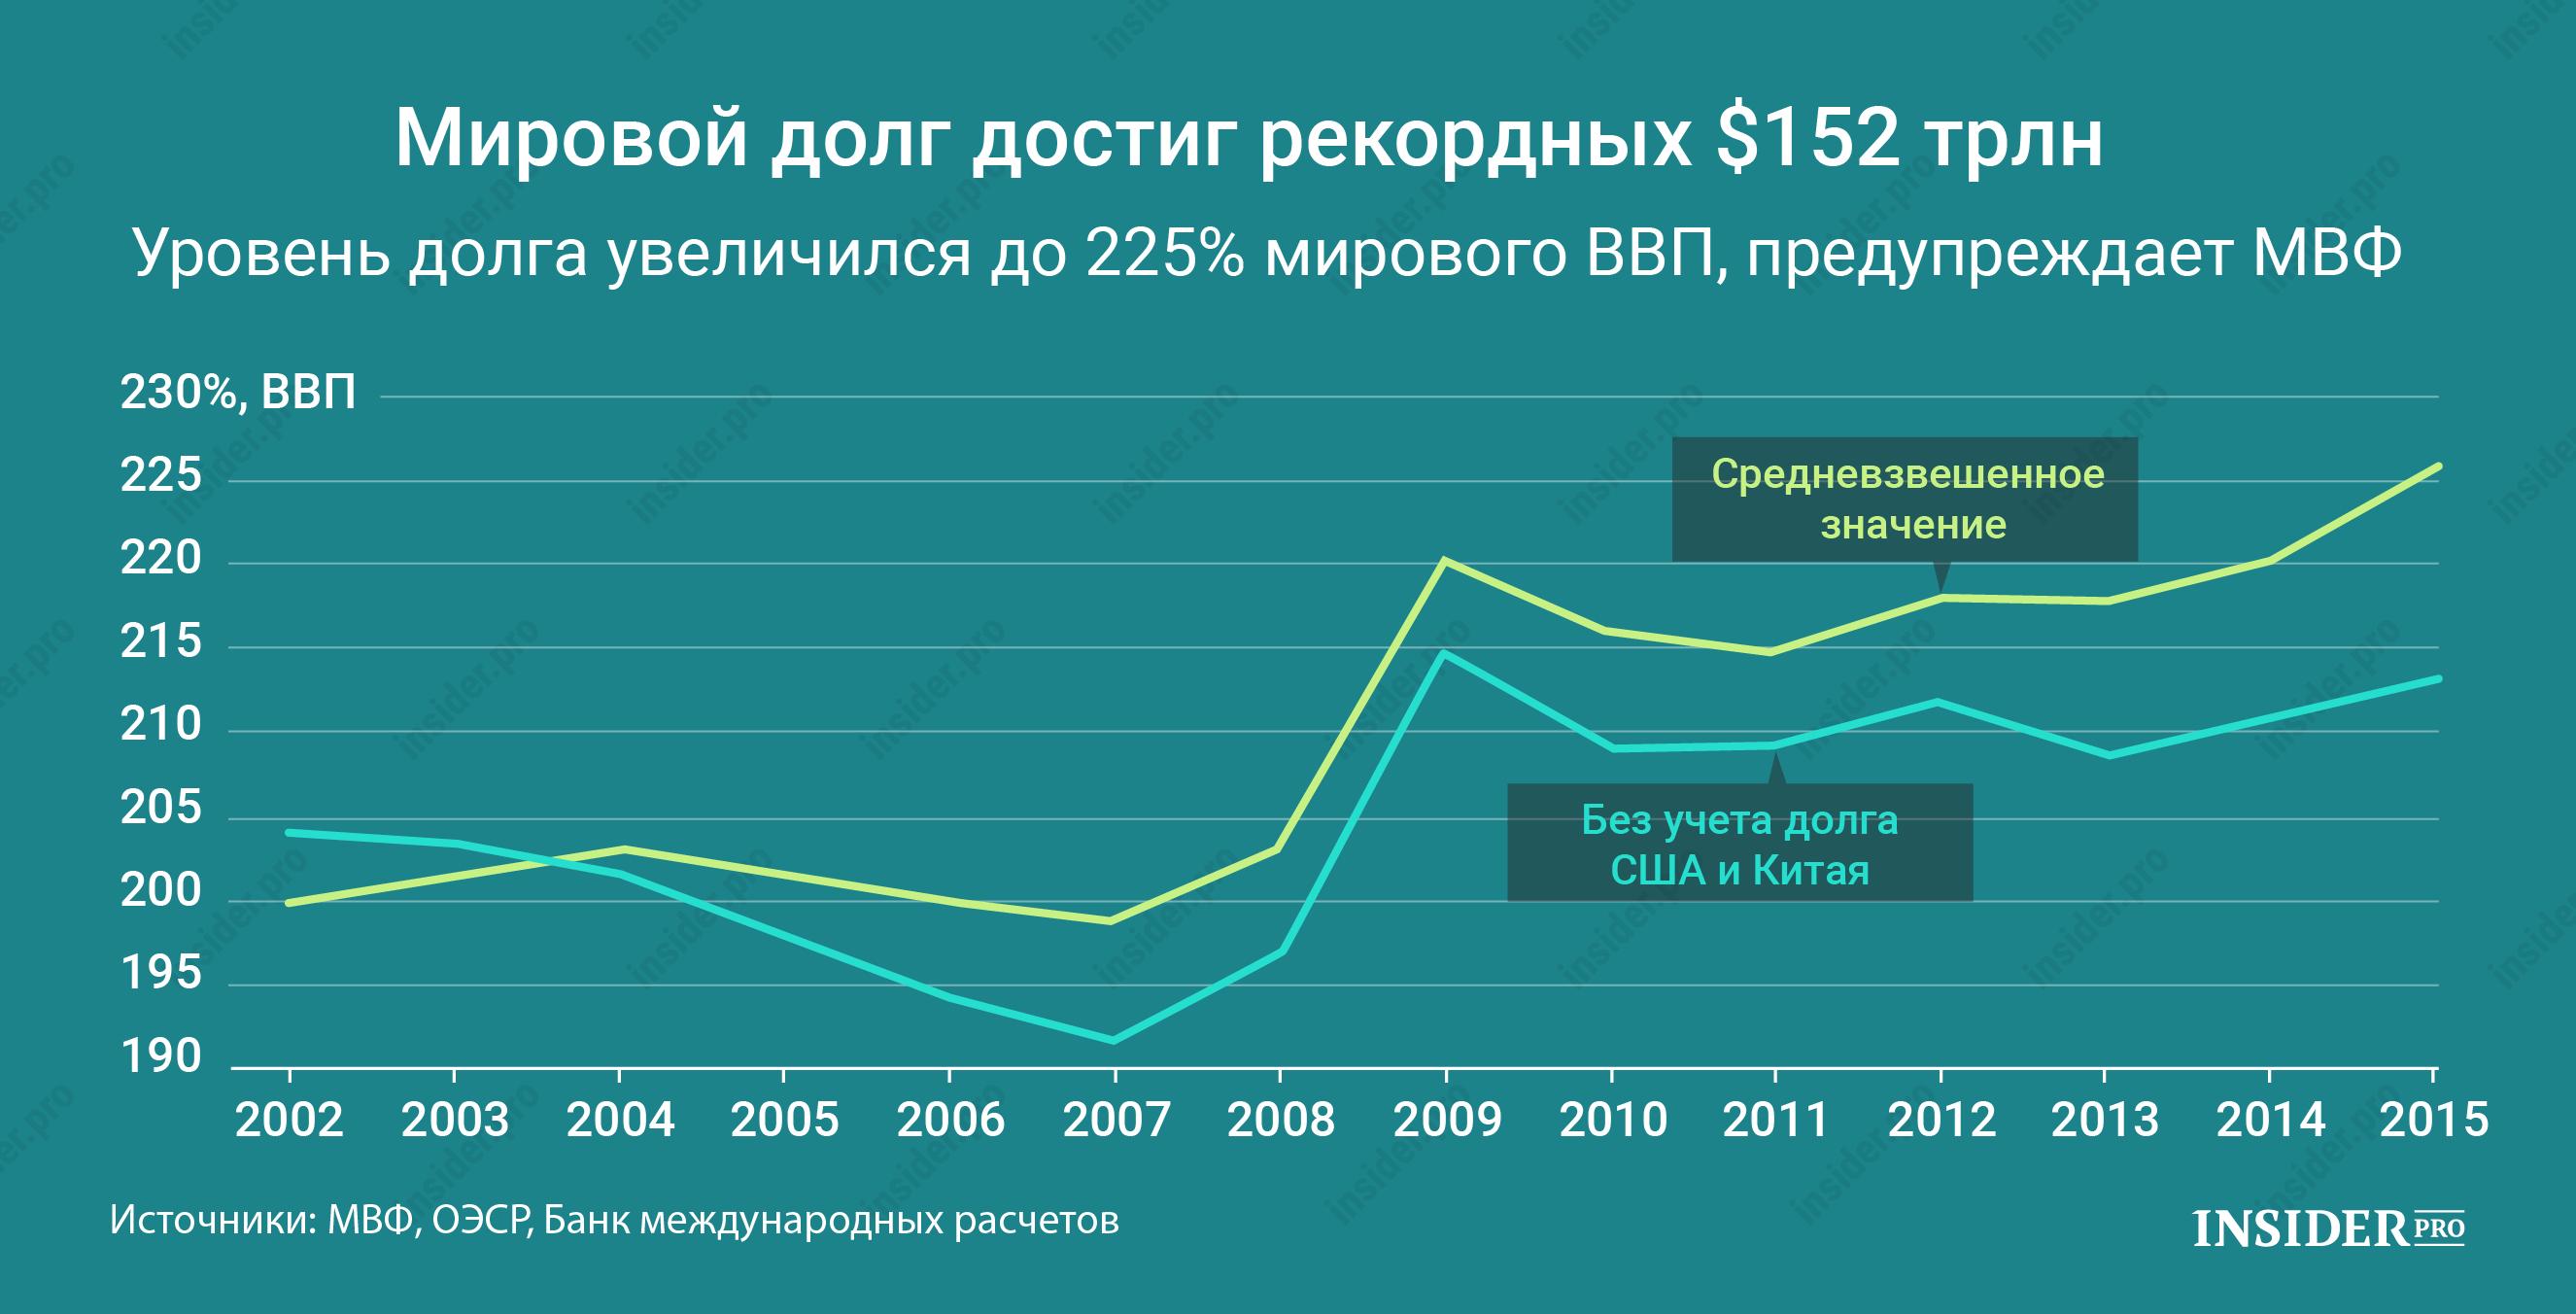 В июле сша и евросоюз ввели секторальные санкции в отношении россии, решив наказать москву за роль в украинском кризисе